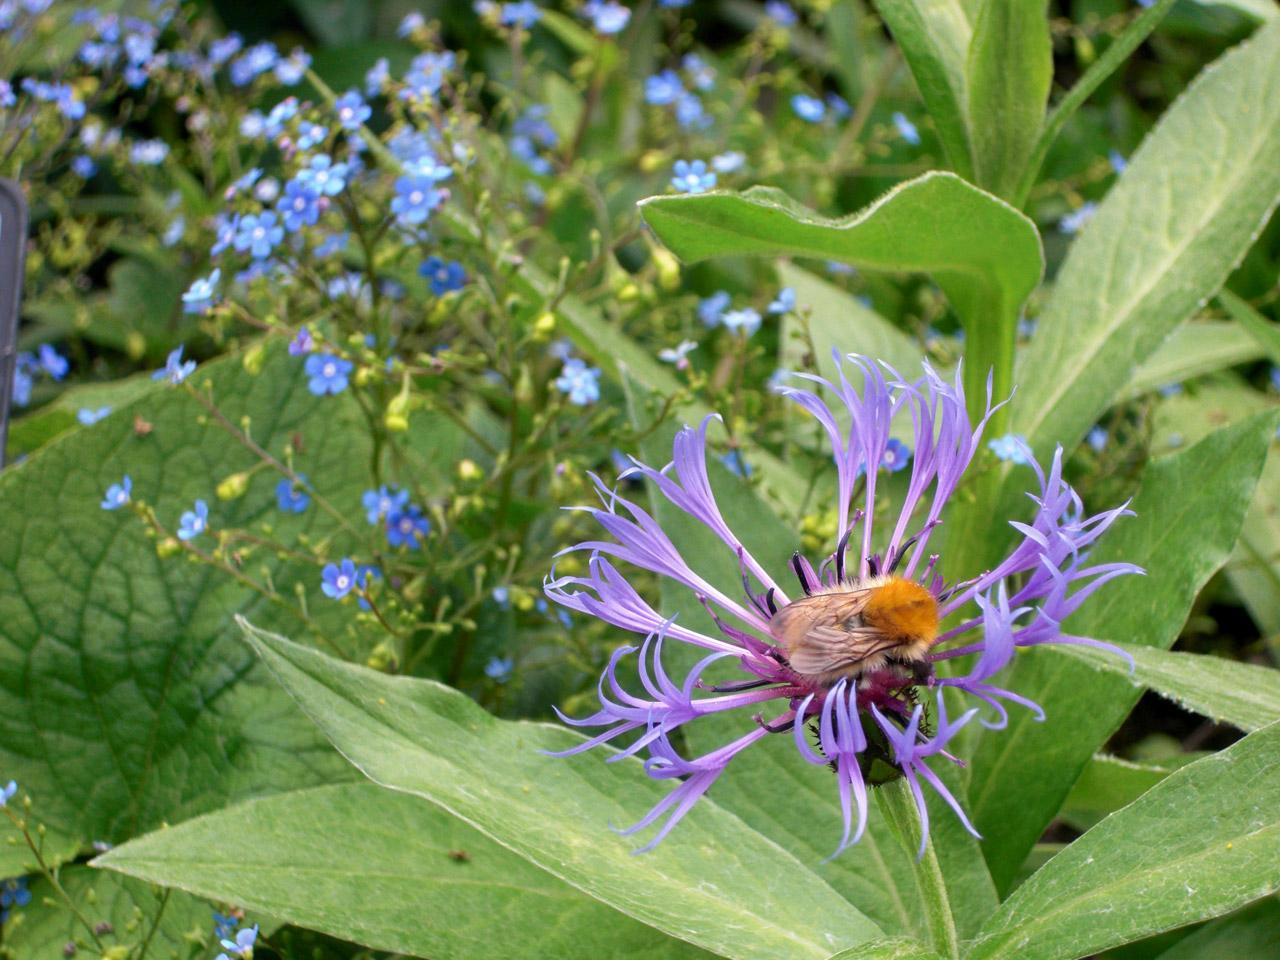 Dans le Jardin des Cinq Sens, un insecte butine une fleur.